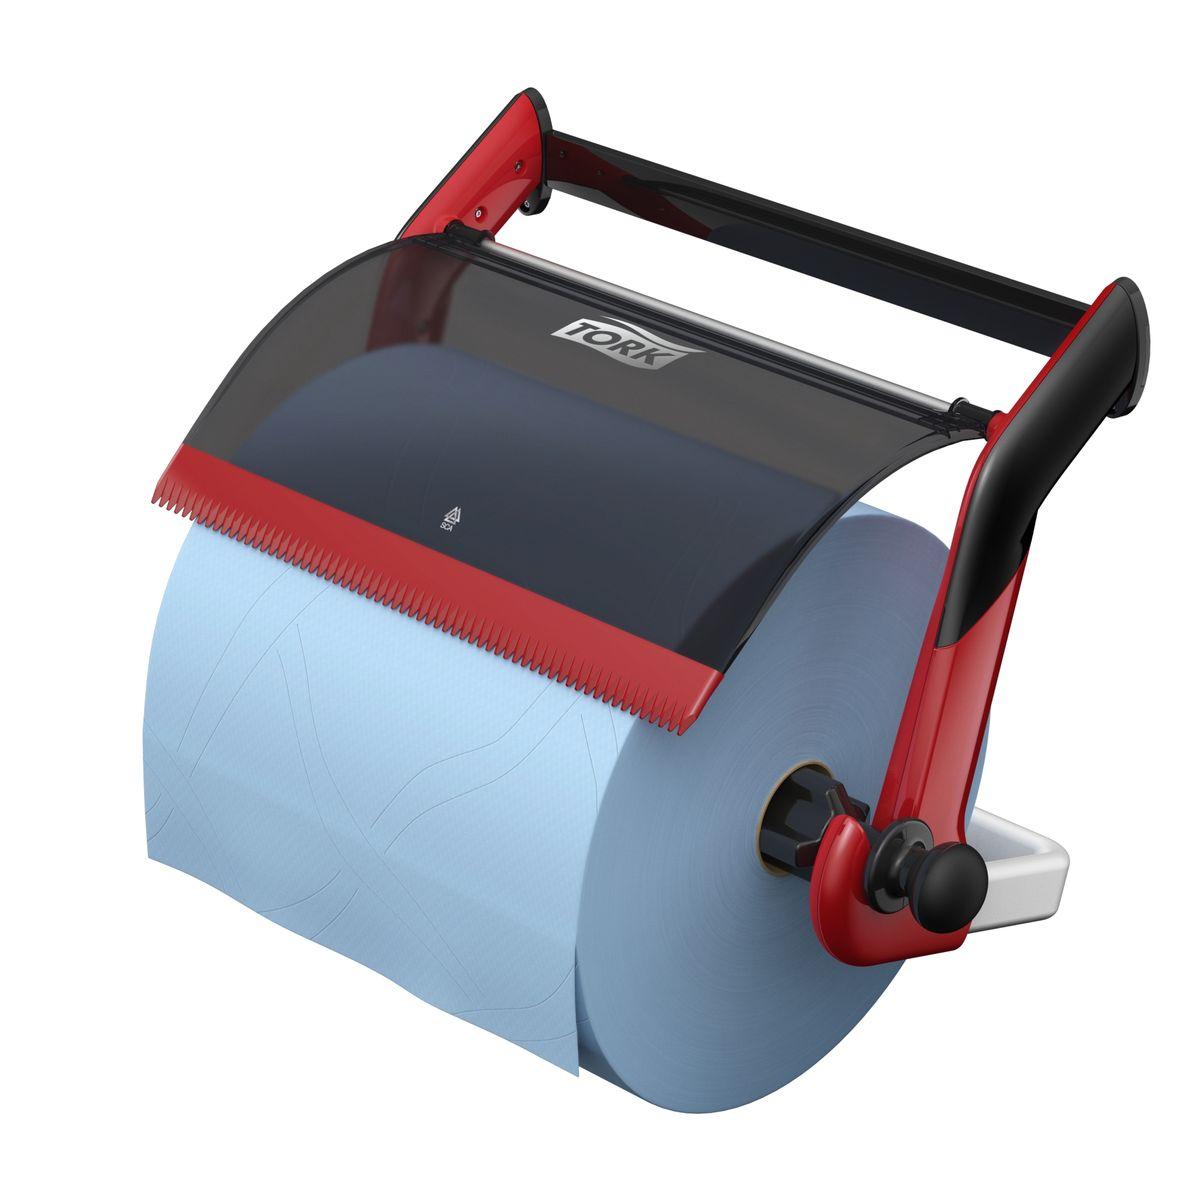 Диспенсер для туалетной бумаги Tork, цвет: красный. 652108652108Держатель для протирочных материалов Tork. Настенный держатель обладает прочной конструкцией и позволит сэкономить место. Быстро и легко менять расходный материал.